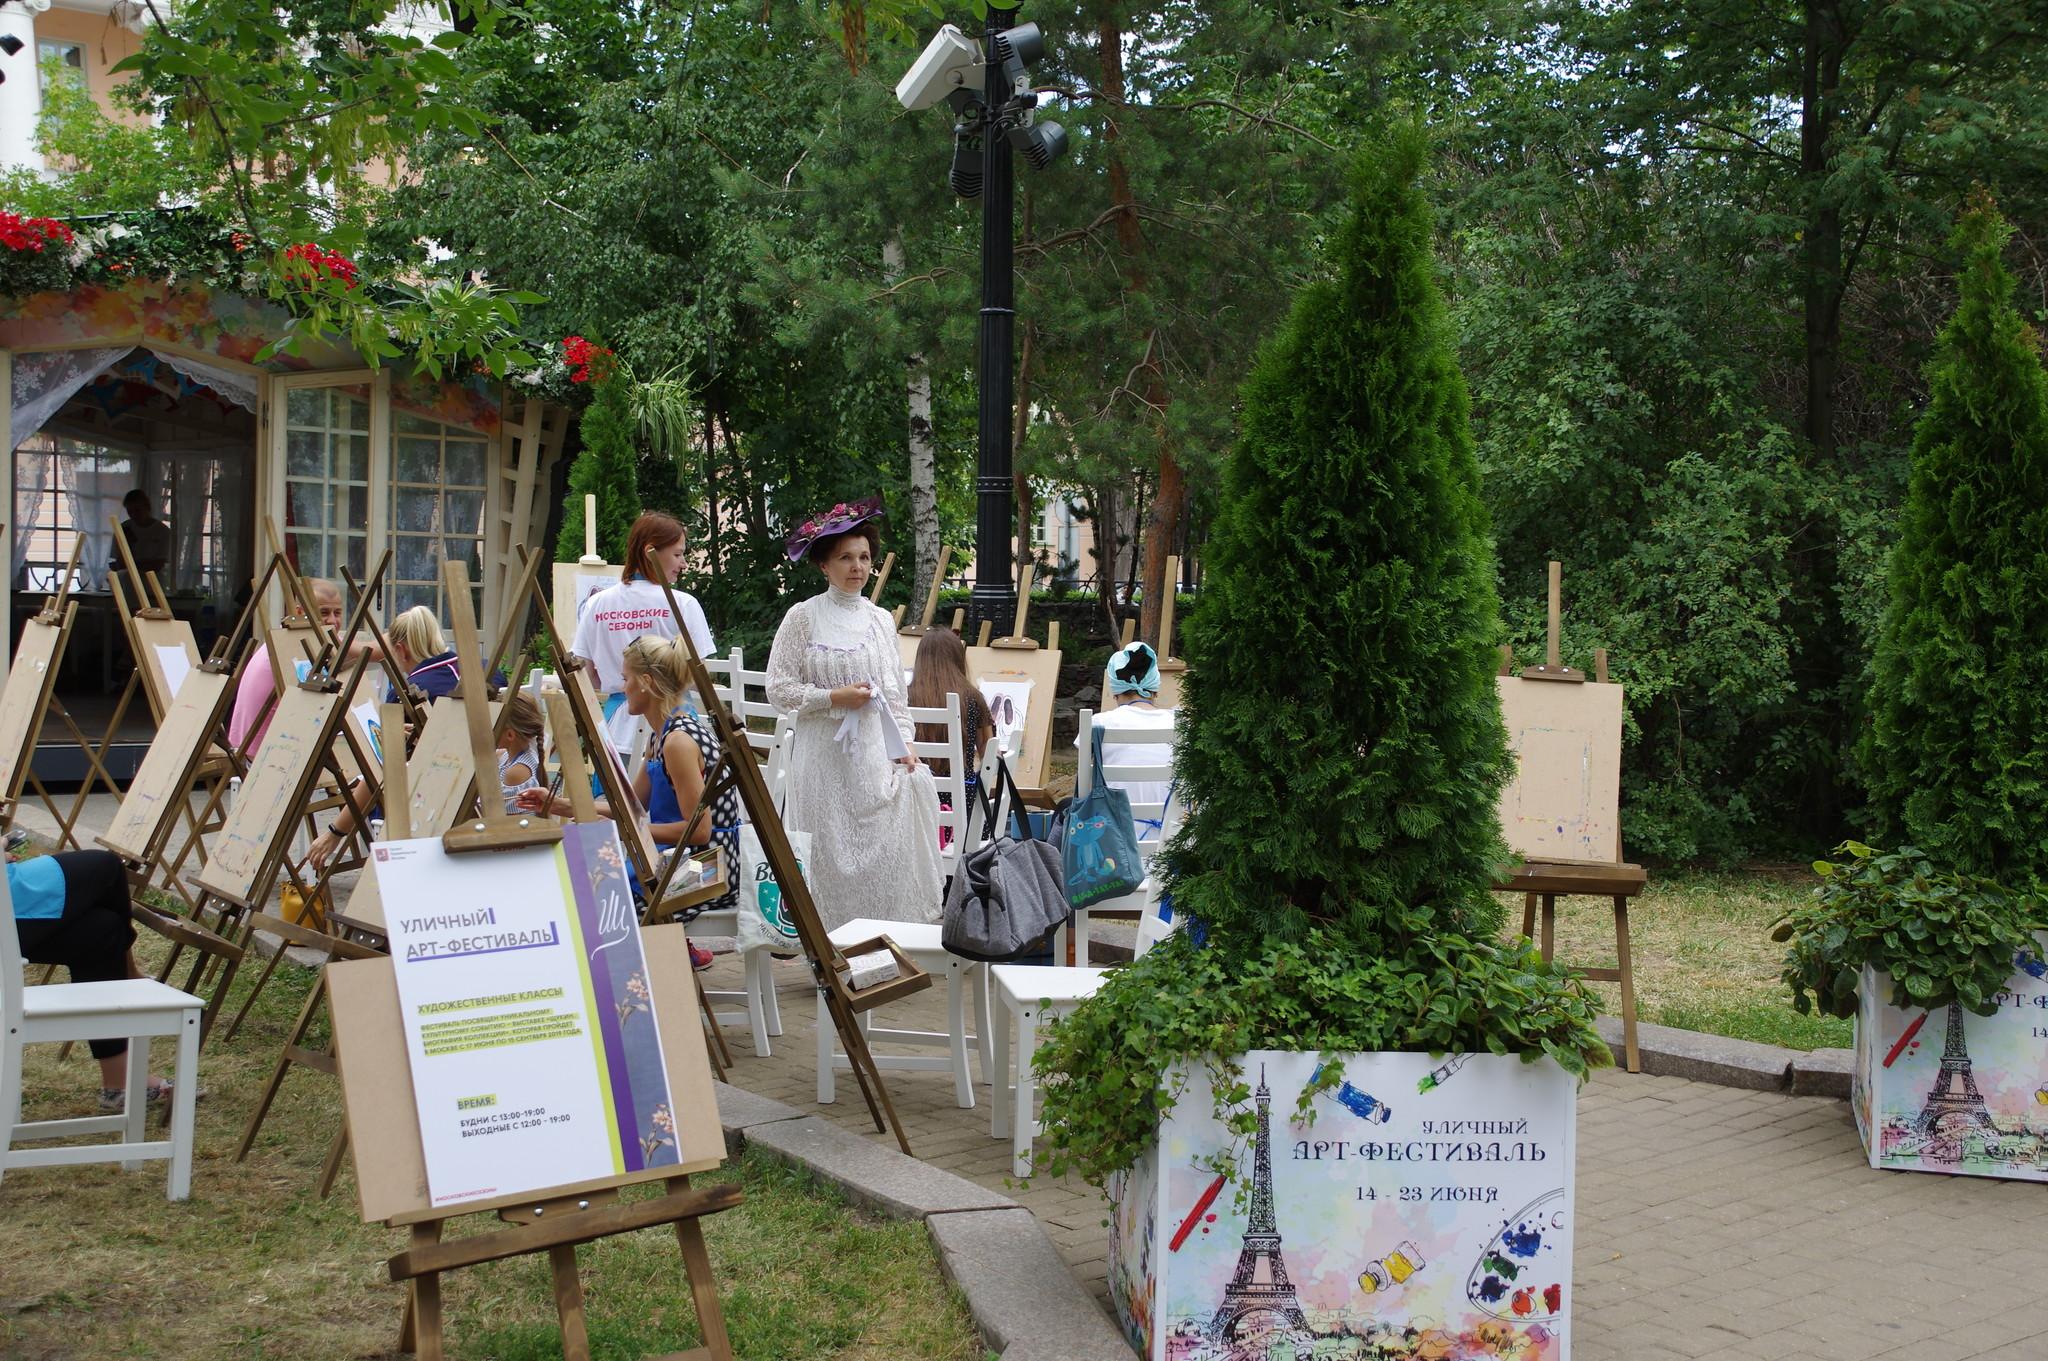 Уличный арт-фестиваль на Страстном бульваре